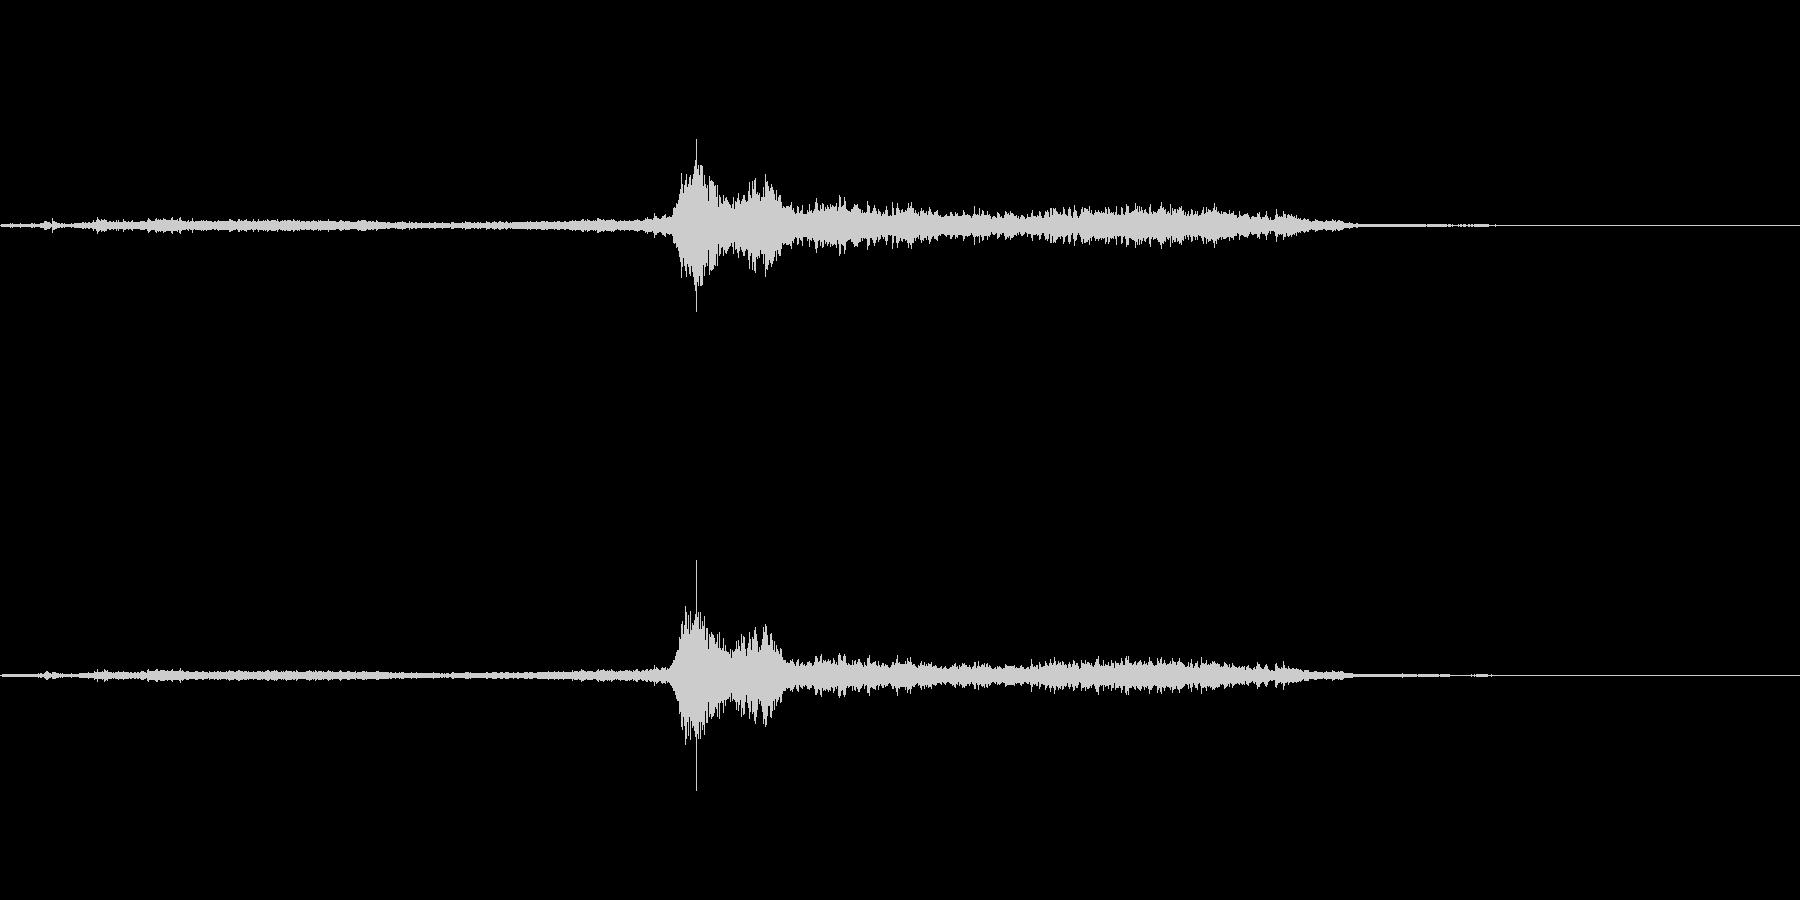 ガタンガタンキュー 電車の通過音の未再生の波形